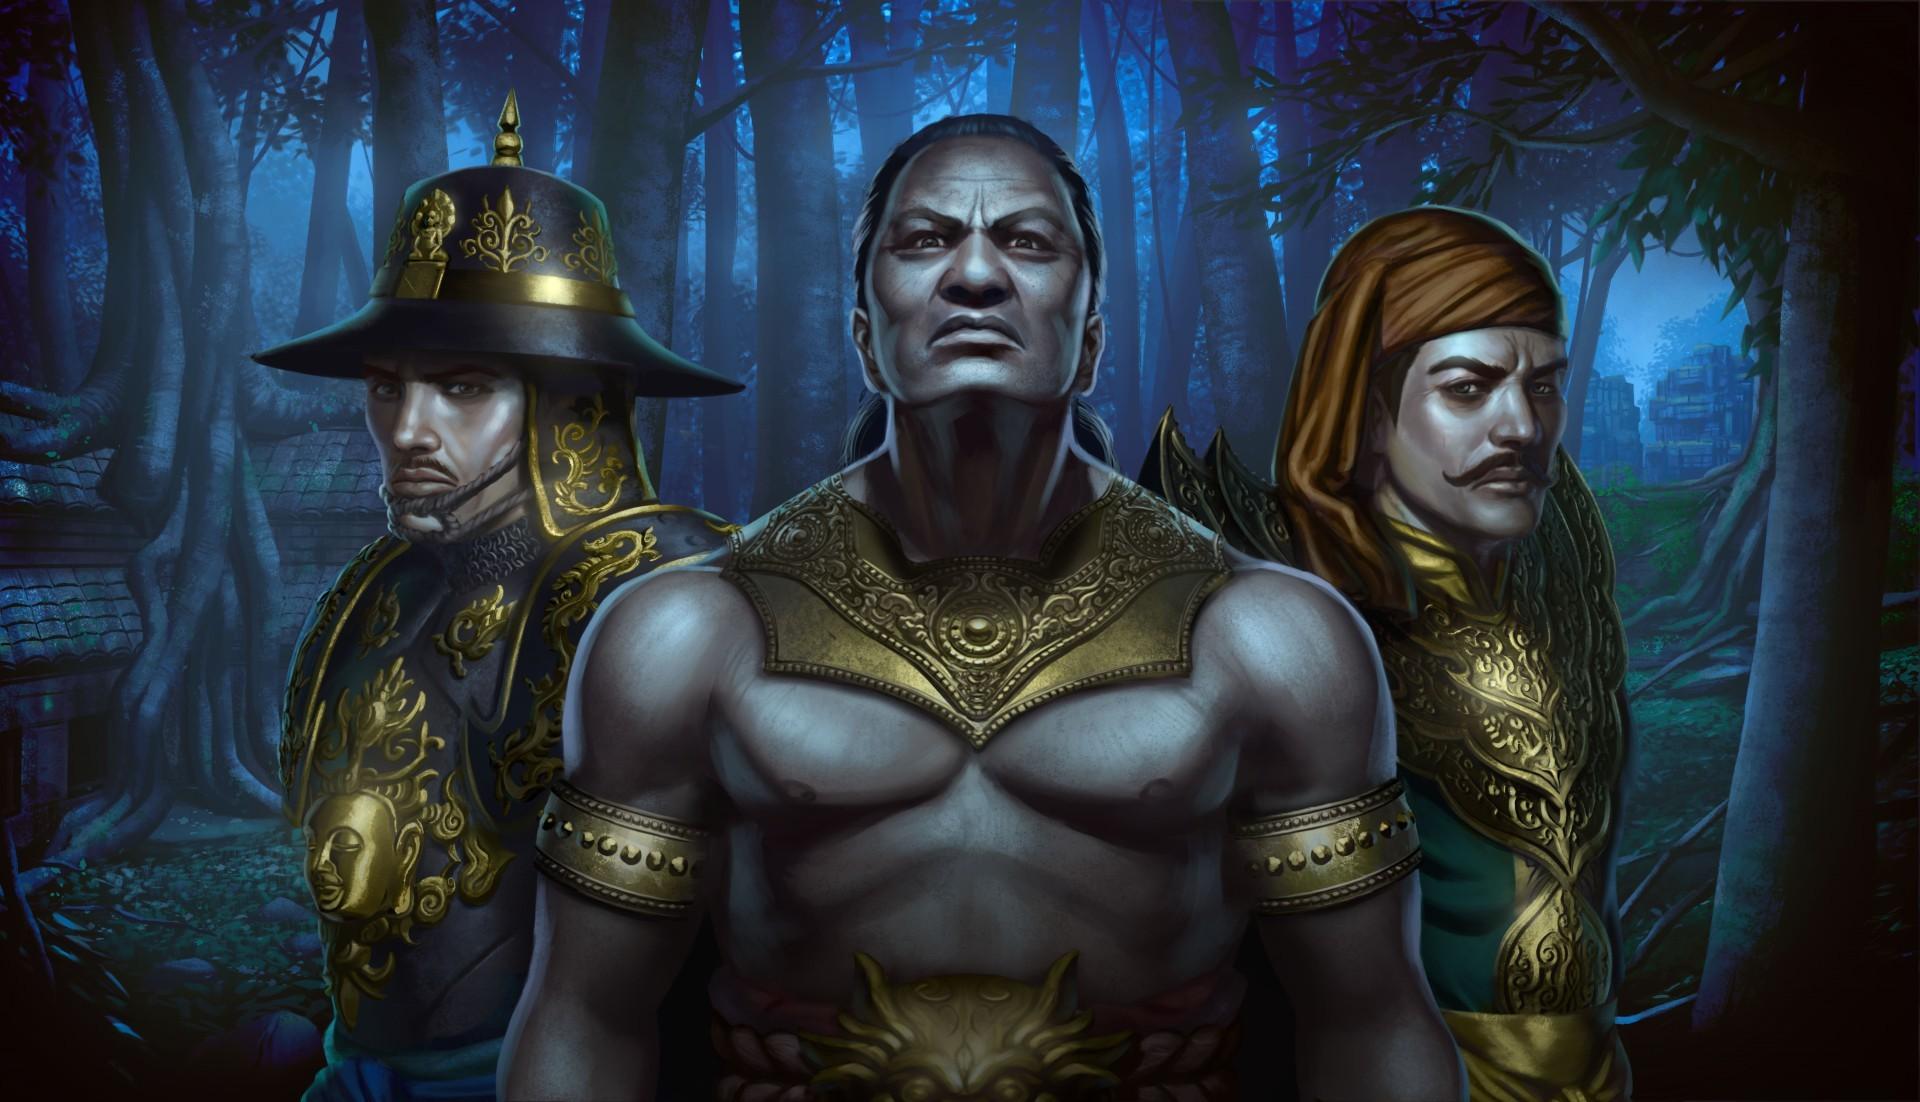 《帝国时代2高清版》即将推出新DLC